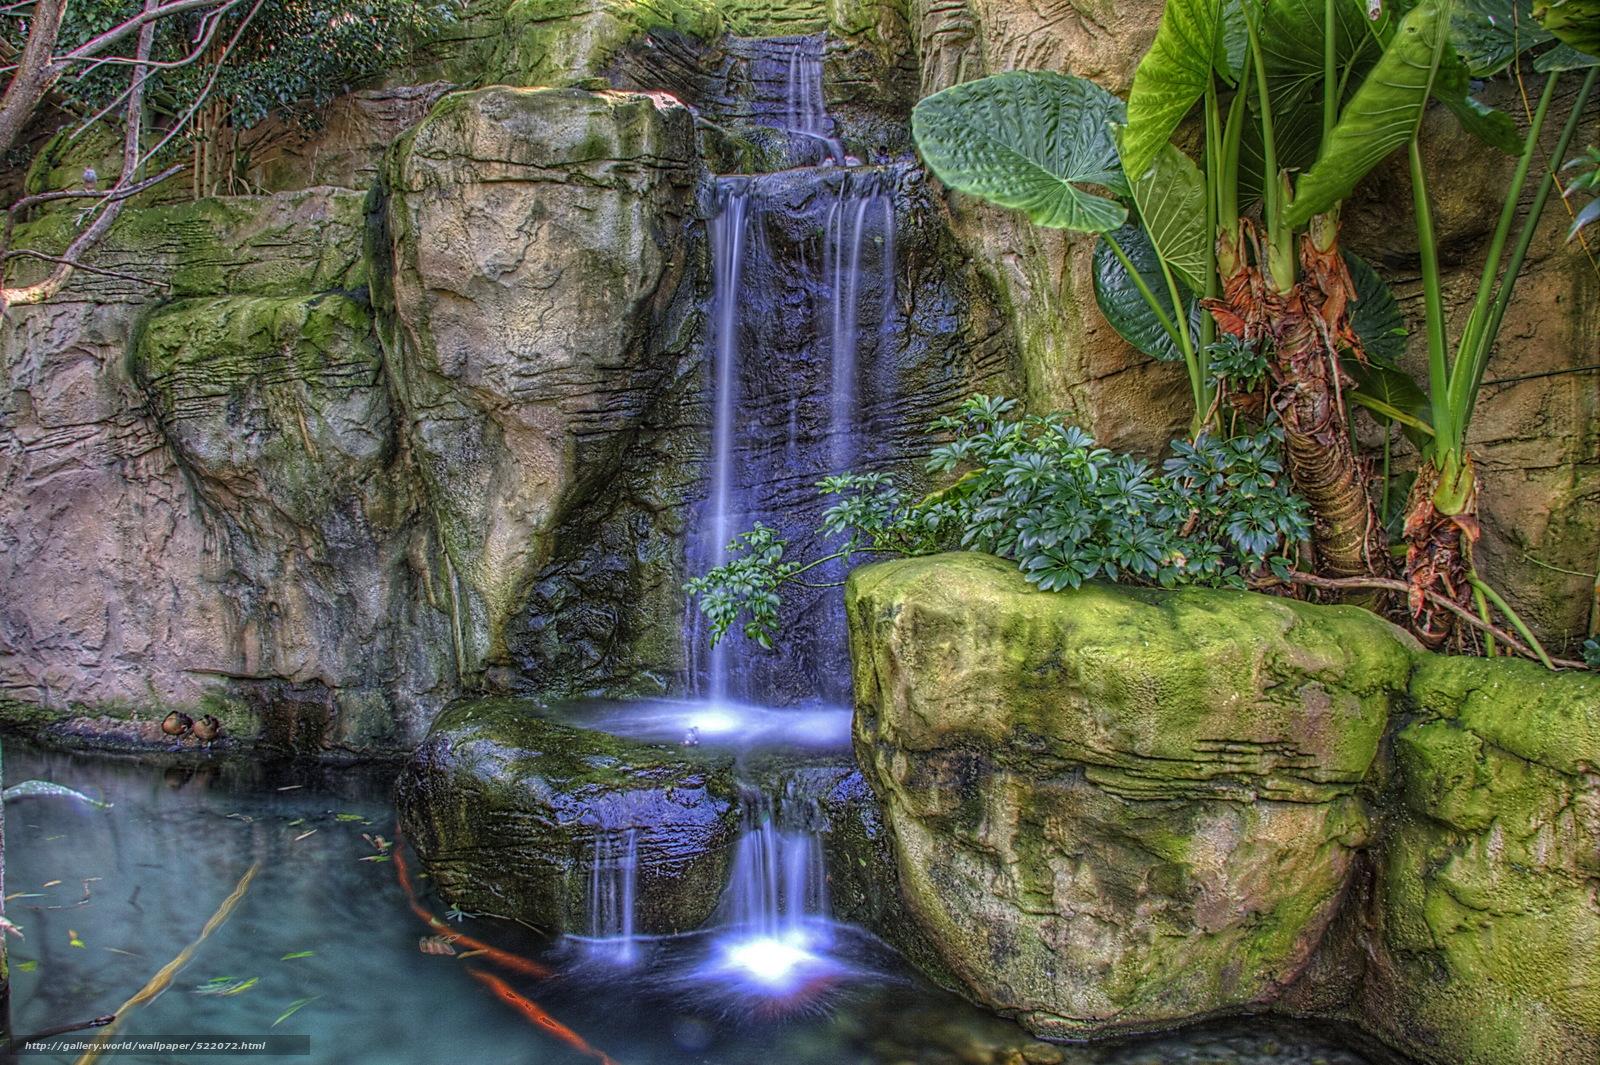 Картинки для рабочего стола скачать бесплатно водопад 8